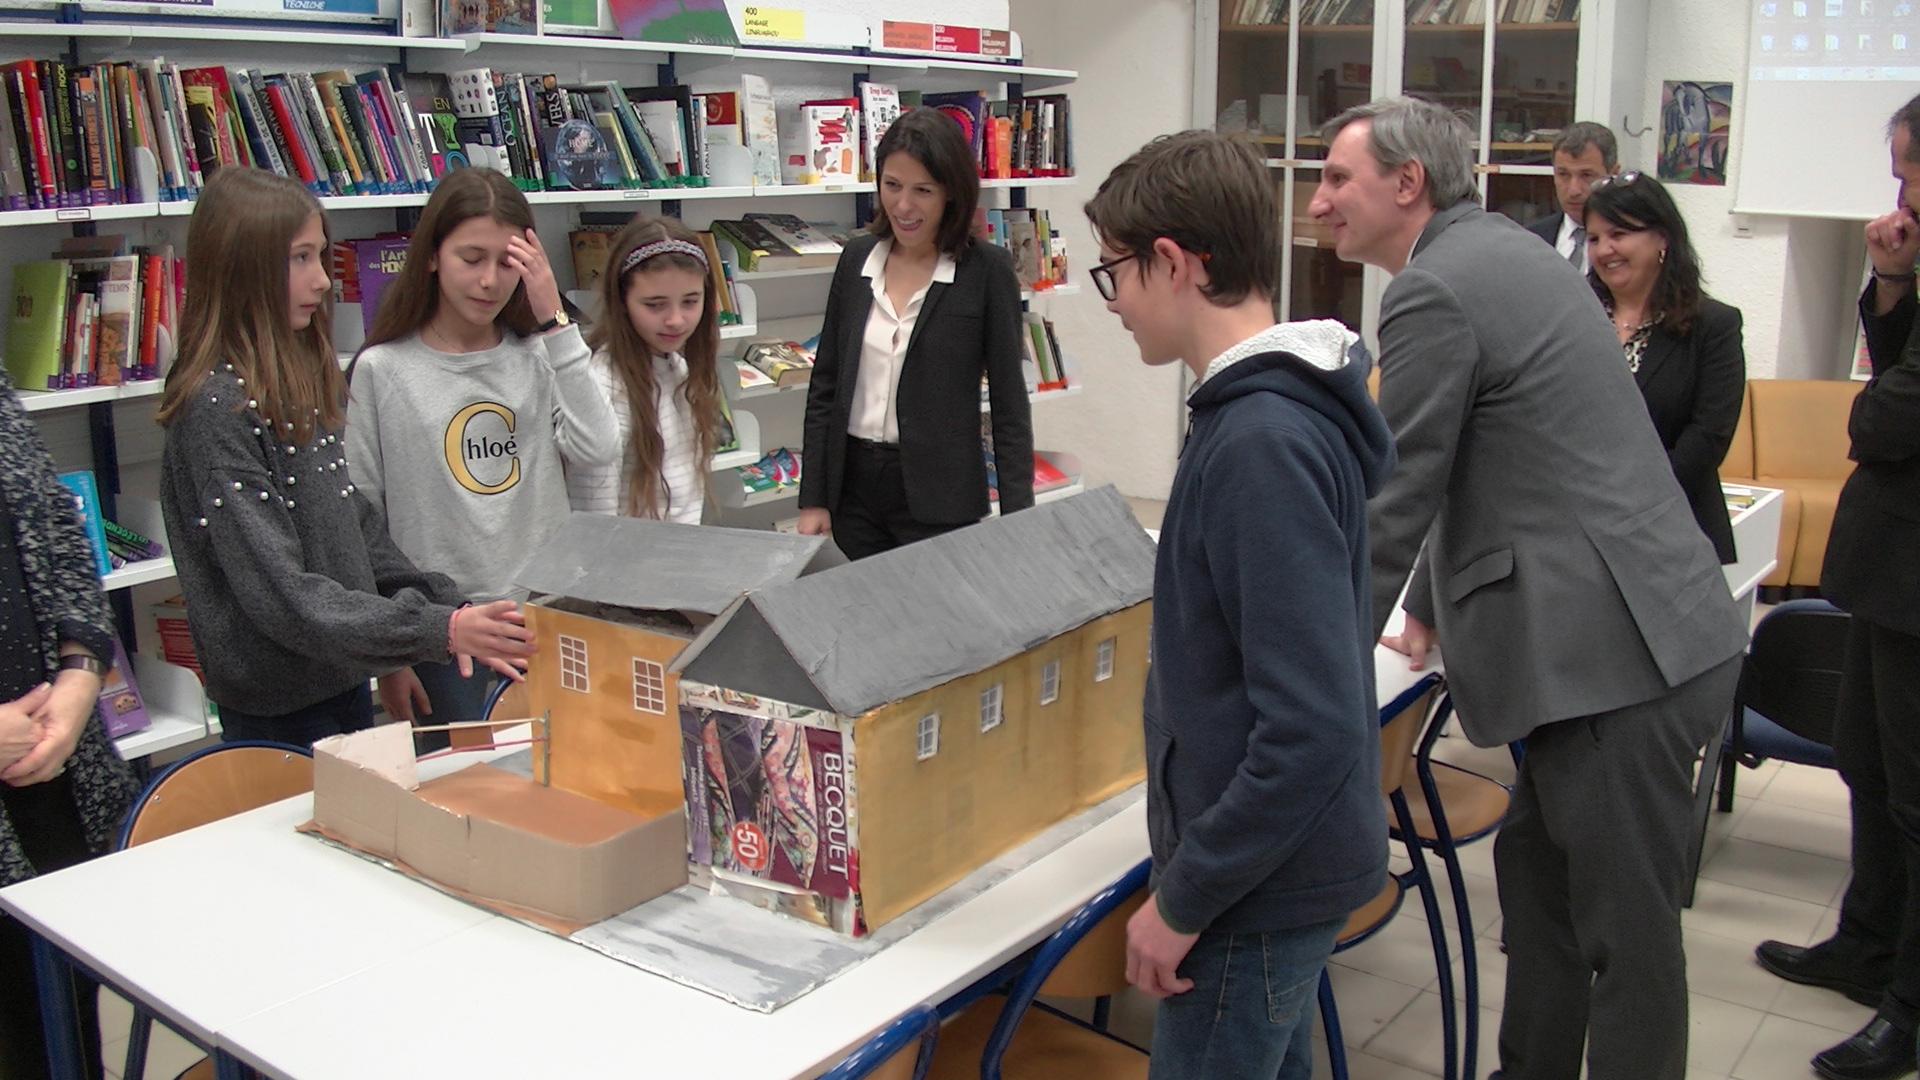 La maquette du collège Simon Vinciguerra présentée à la rectrice par les élèves de 5ème 3.